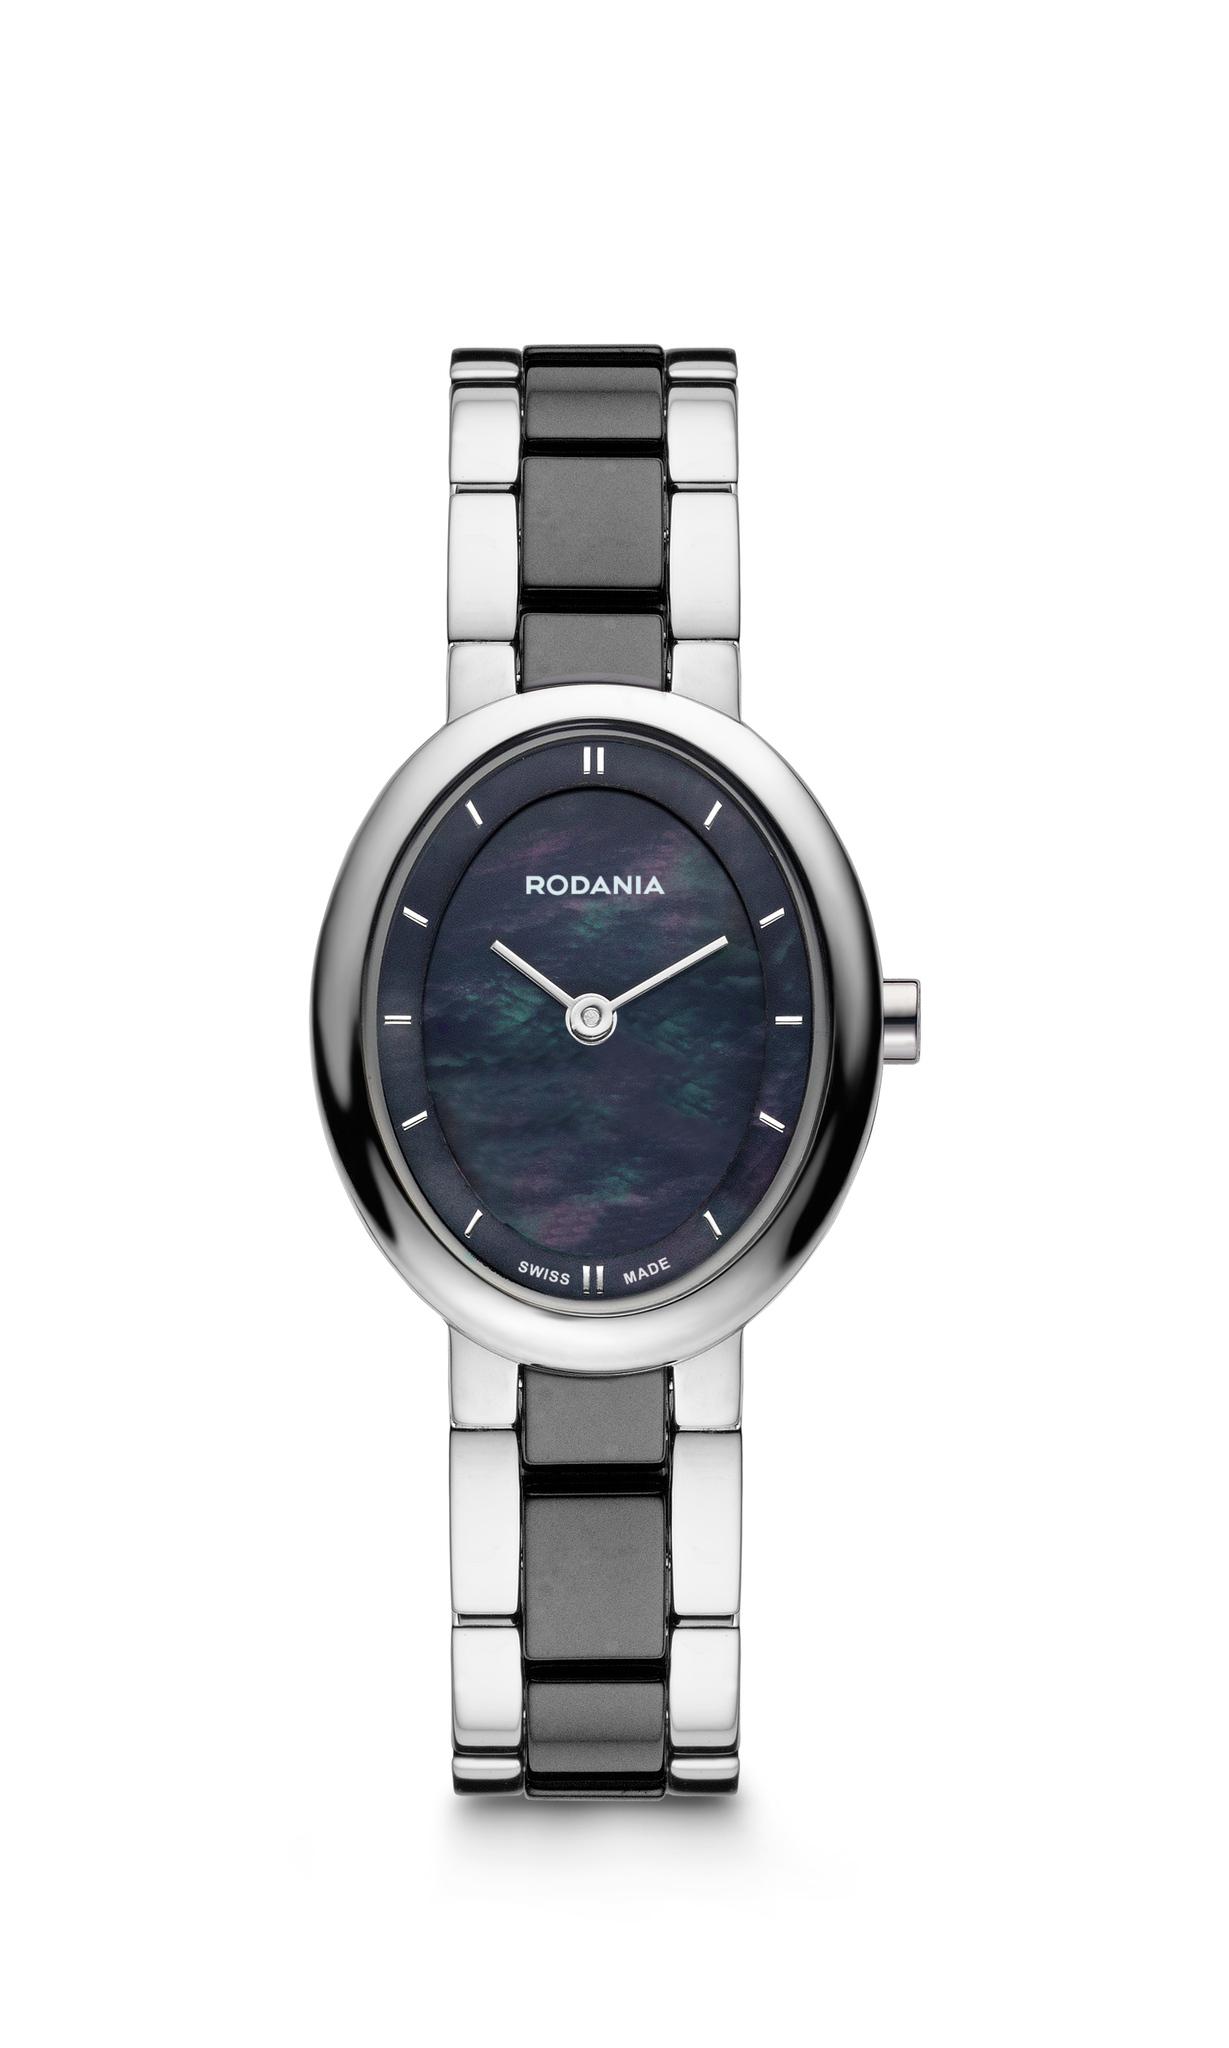 Rodania 25116.46 - женские наручные часы из коллекции FIRENZERodania<br><br><br>Бренд: Rodania<br>Модель: Rodania 25116.46<br>Артикул: 25116.46<br>Вариант артикула: None<br>Коллекция: FIRENZE<br>Подколлекция: None<br>Страна: Швейцария<br>Пол: женские<br>Тип механизма: кварцевые<br>Механизм: Ronda 762E<br>Количество камней: None<br>Автоподзавод: None<br>Источник энергии: от батарейки<br>Срок службы элемента питания: None<br>Дисплей: стрелки<br>Цифры: отсутствуют<br>Водозащита: WR 50<br>Противоударные: None<br>Материал корпуса: нерж. сталь<br>Материал браслета: нерж. сталь + керамика<br>Материал безеля: None<br>Стекло: сапфировое<br>Антибликовое покрытие: None<br>Цвет корпуса: None<br>Цвет браслета: None<br>Цвет циферблата: None<br>Цвет безеля: None<br>Размеры: 25x30 мм<br>Диаметр: None<br>Диаметр корпуса: None<br>Толщина: None<br>Ширина ремешка: None<br>Вес: None<br>Спорт-функции: None<br>Подсветка: None<br>Вставка: None<br>Отображение даты: None<br>Хронограф: None<br>Таймер: None<br>Термометр: None<br>Хронометр: None<br>GPS: None<br>Радиосинхронизация: None<br>Барометр: None<br>Скелетон: None<br>Дополнительная информация: None<br>Дополнительные функции: None